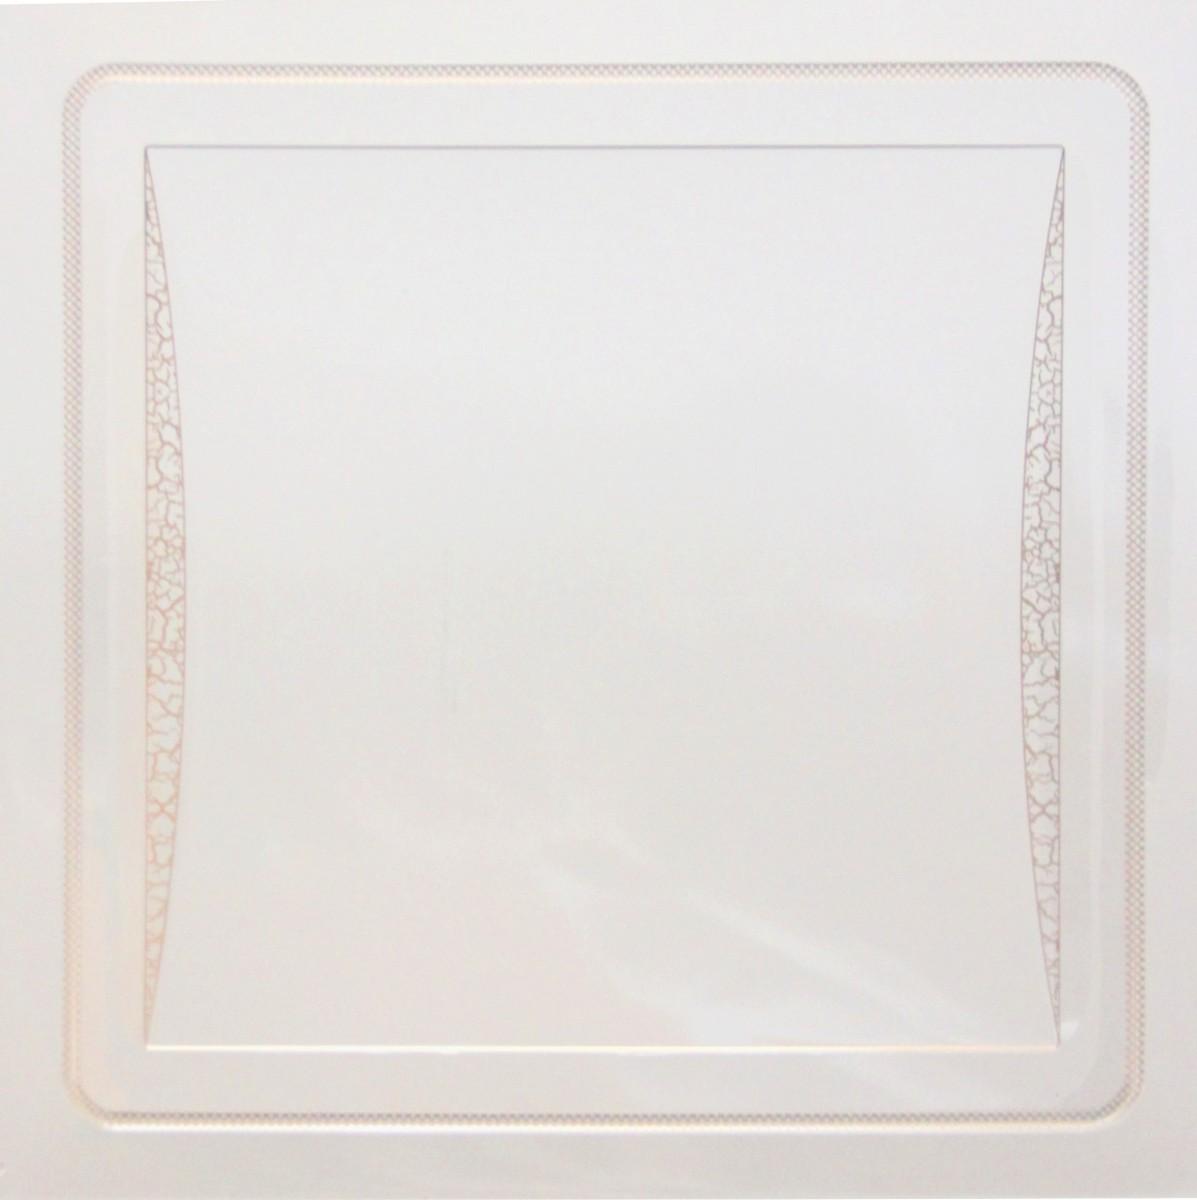 Купить кассетное покрытие A012 Caveen по доступной цене | Компания ТМТ-Групп